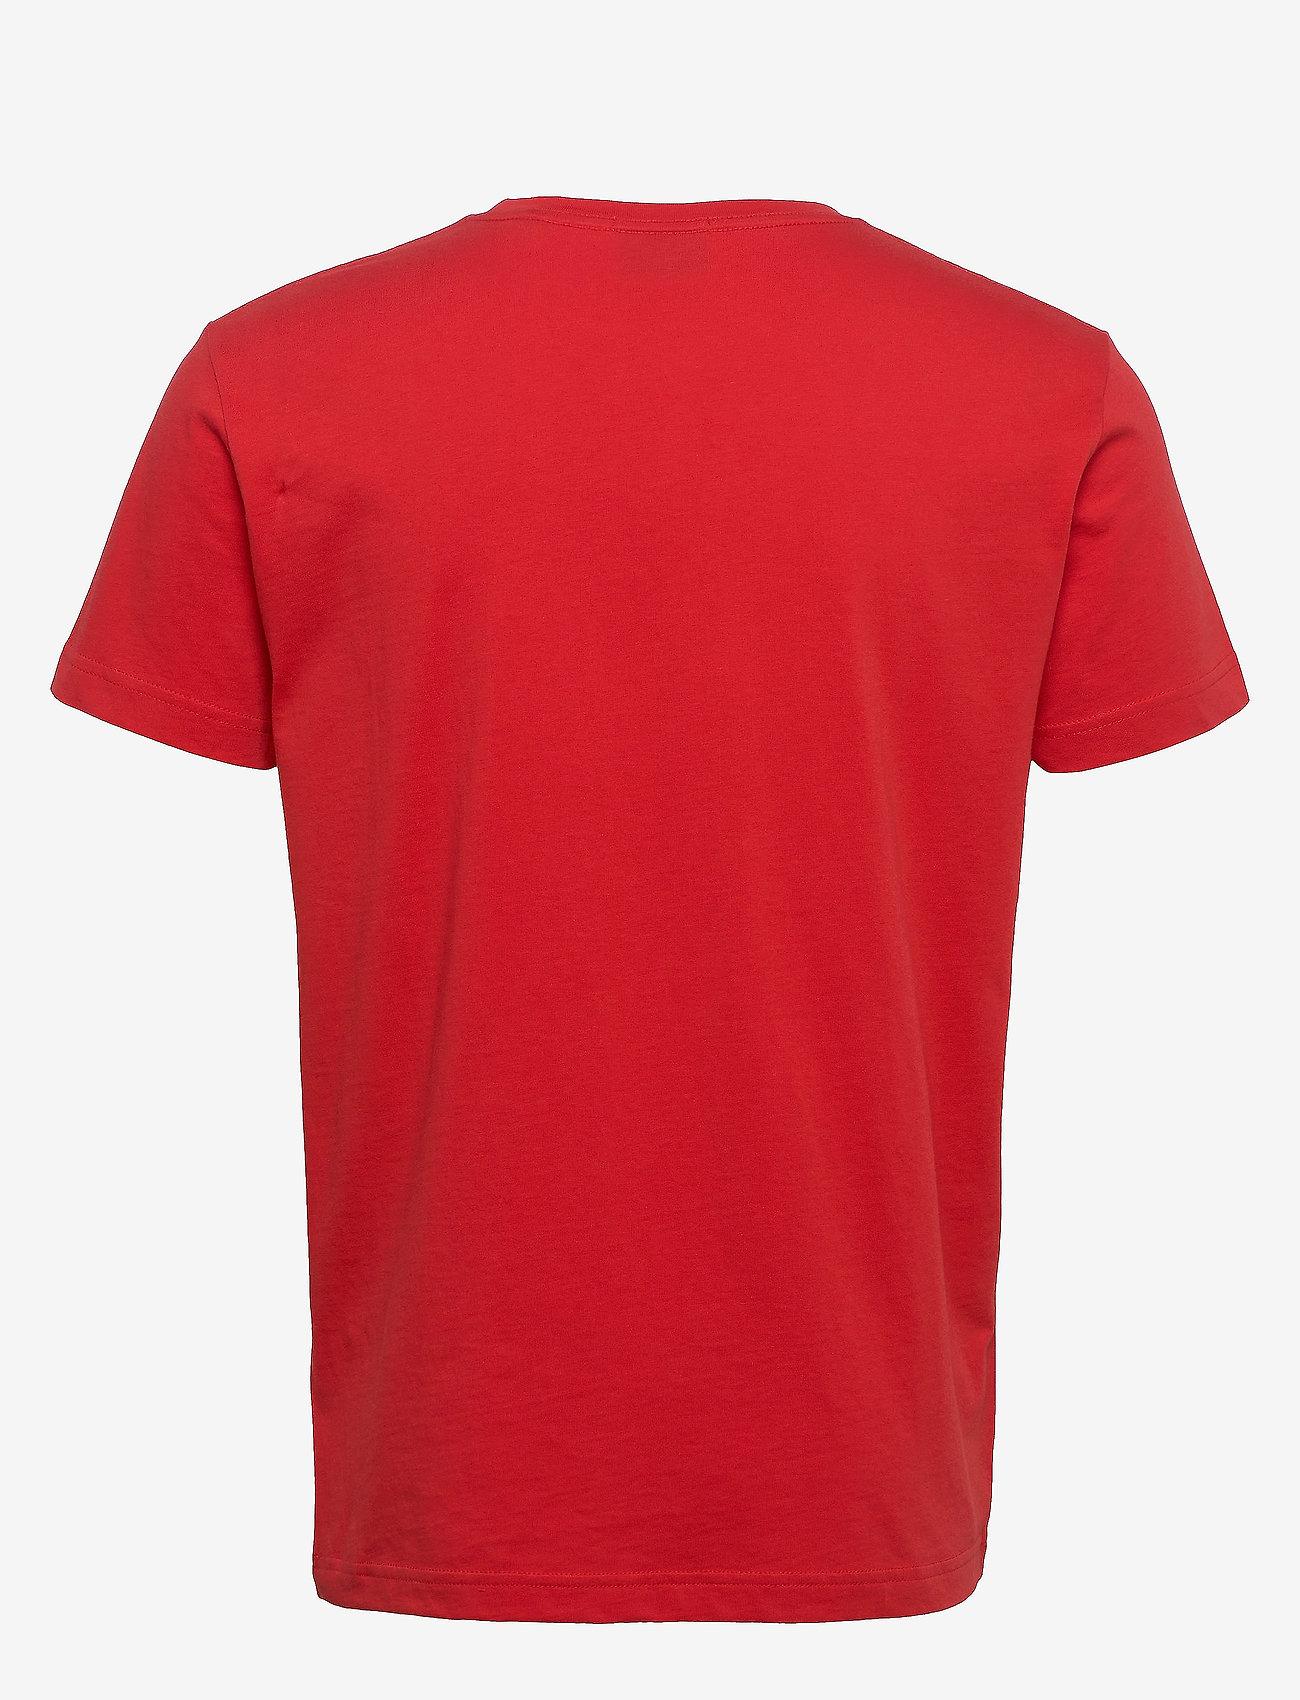 GANT - ORIGINAL SS T-SHIRT - short-sleeved t-shirts - fiery red - 1